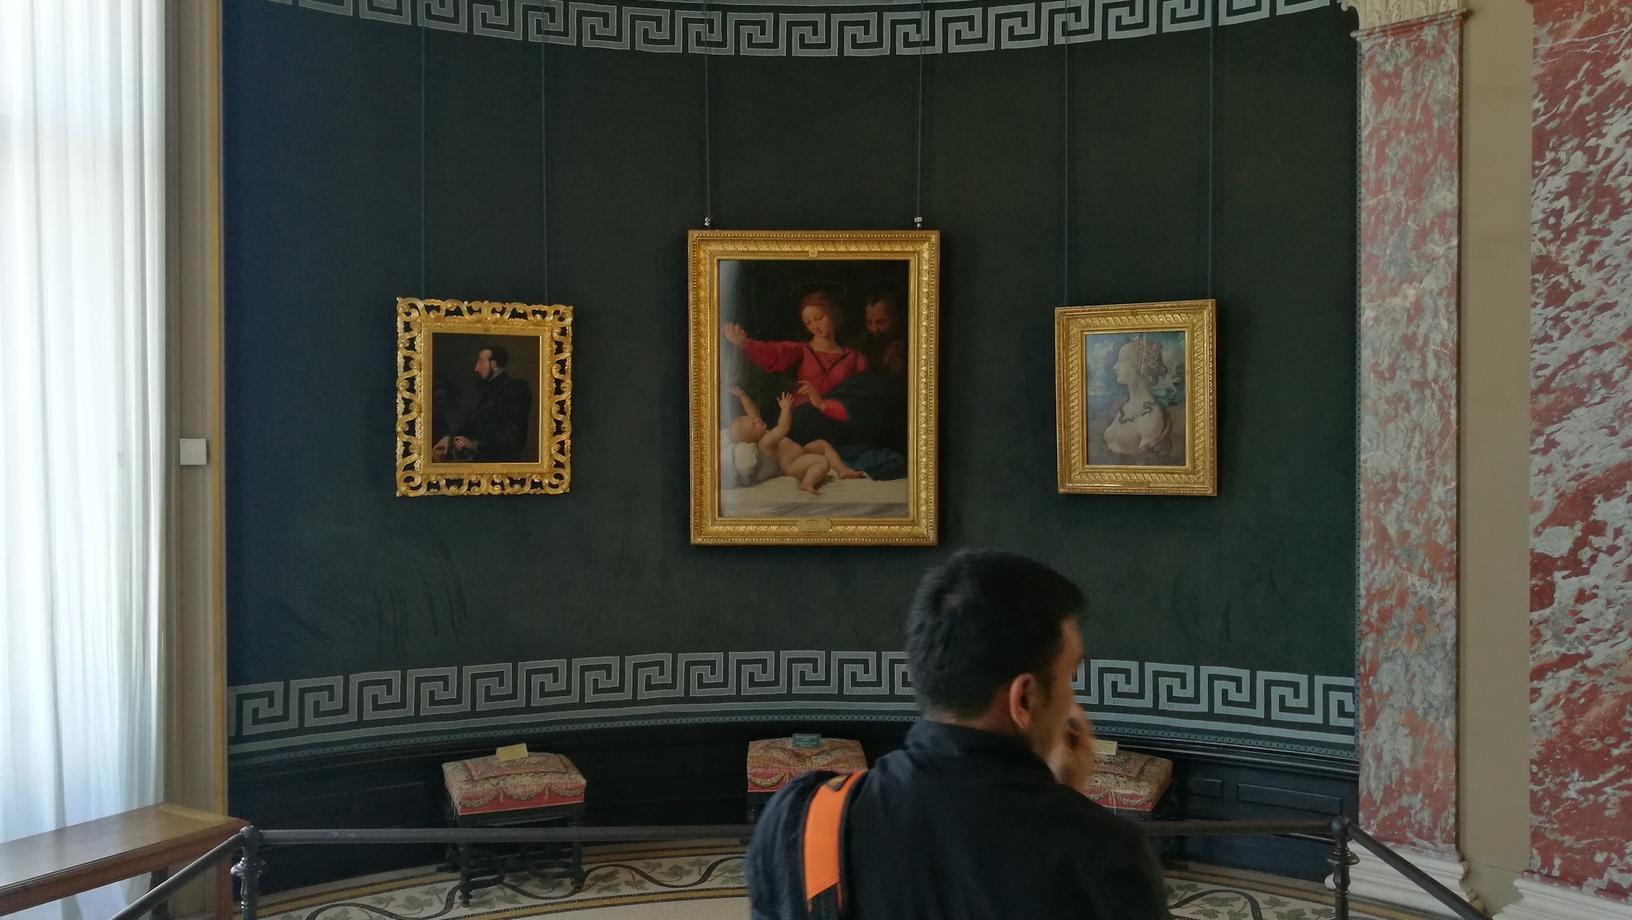 Simonetta ภาพขวาสุด ในห้องโรทันดา